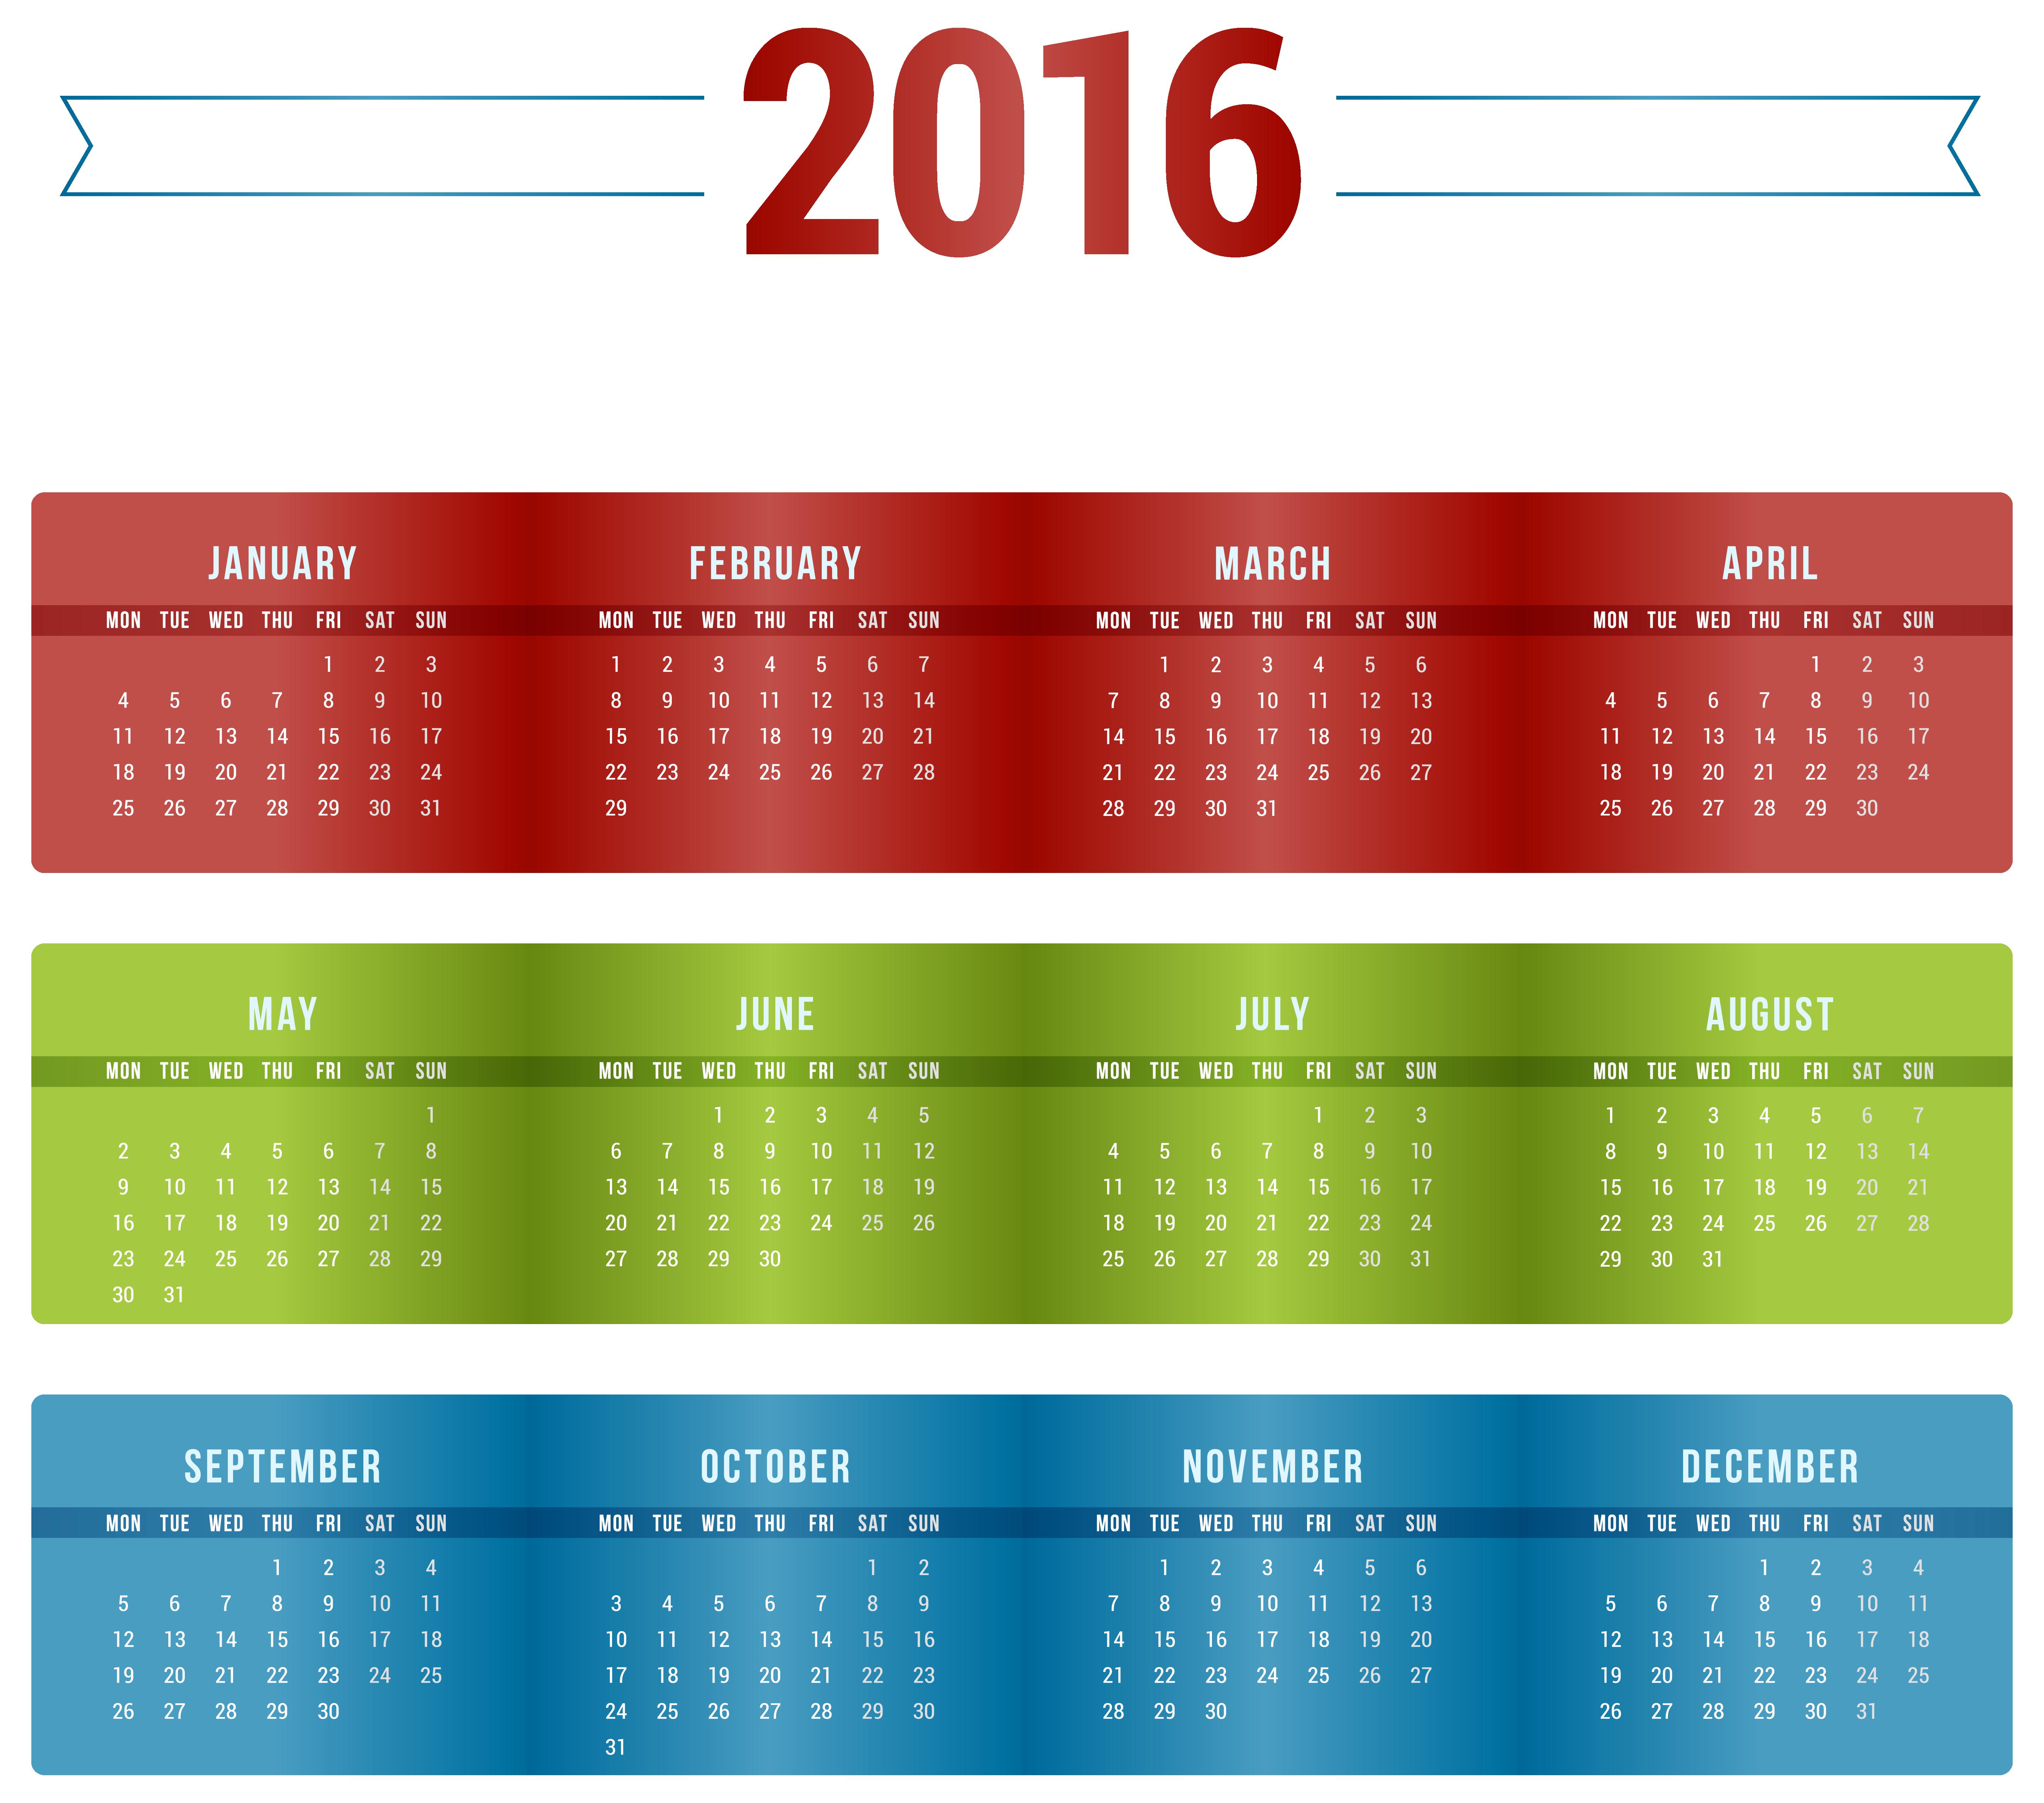 بالصور تقويم وصور سنة 2019 3dlat.net 13 15 4ec6 Transparent Nice 2016 Calendar PNG Image